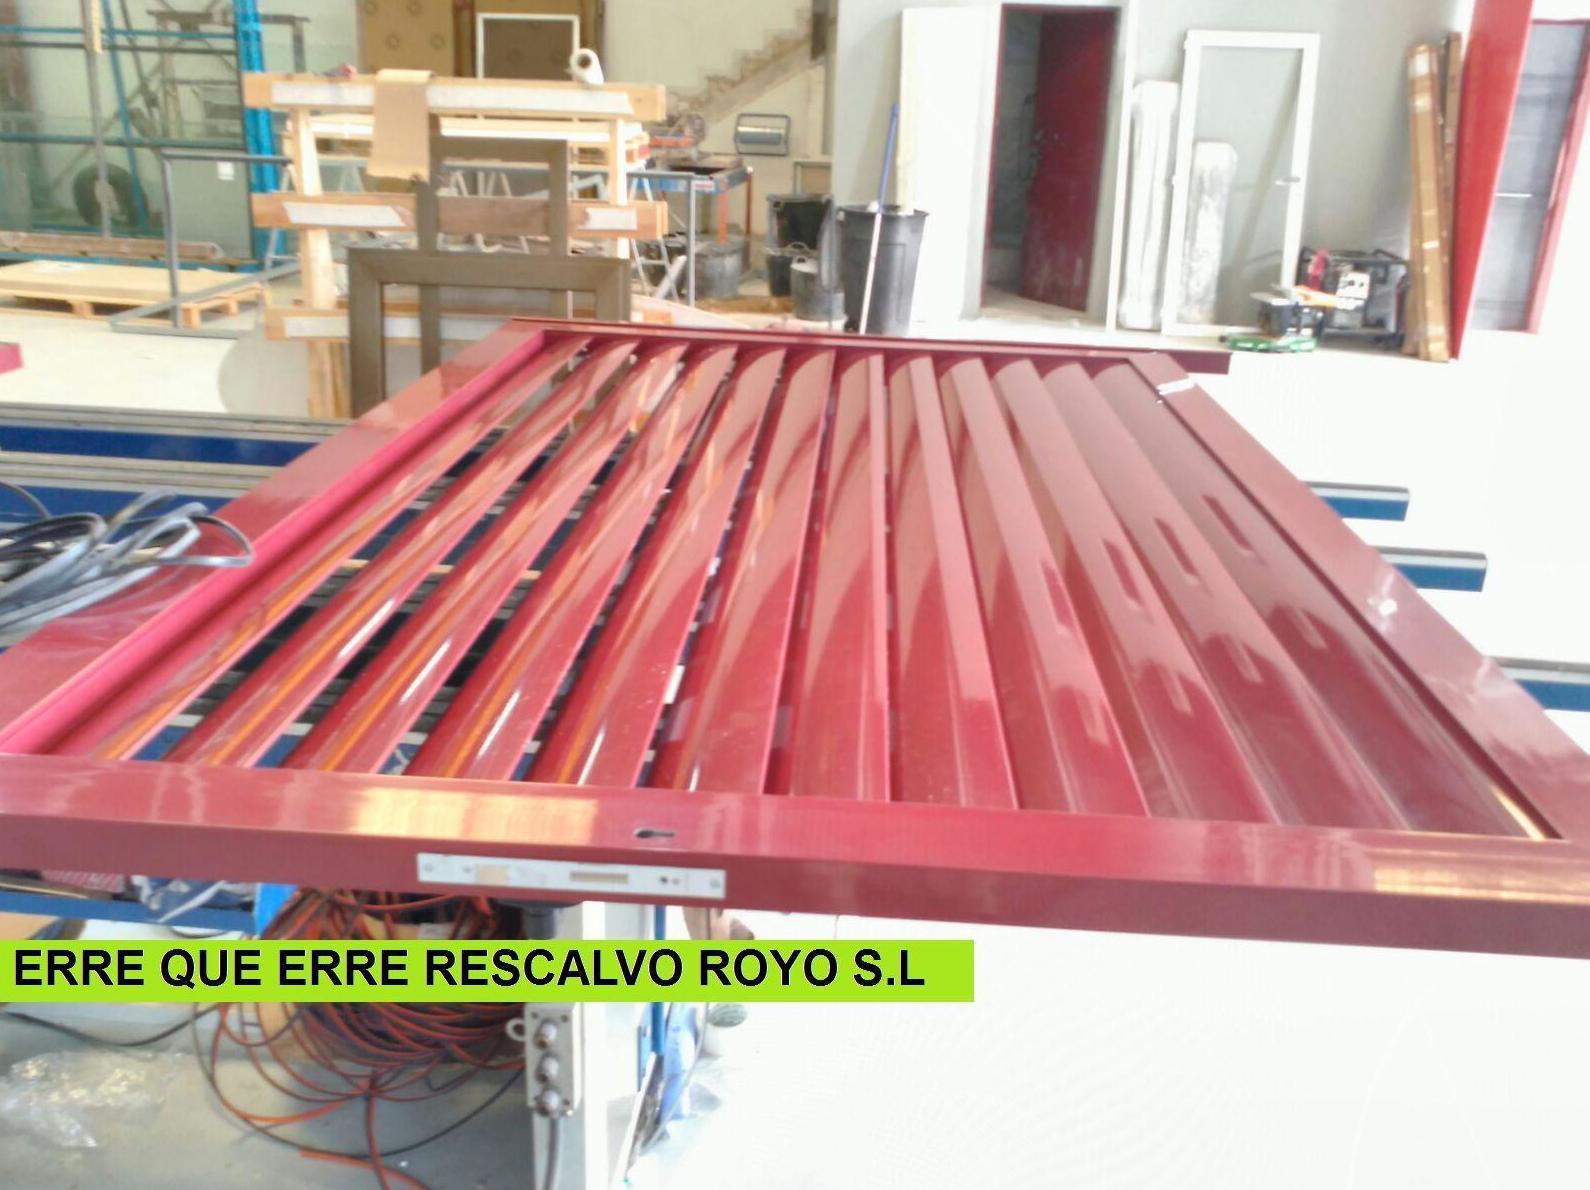 CELOSIAS: Servicios de Exposición, Carpintería de aluminio- toldos-cerrajeria - reformas del hogar.